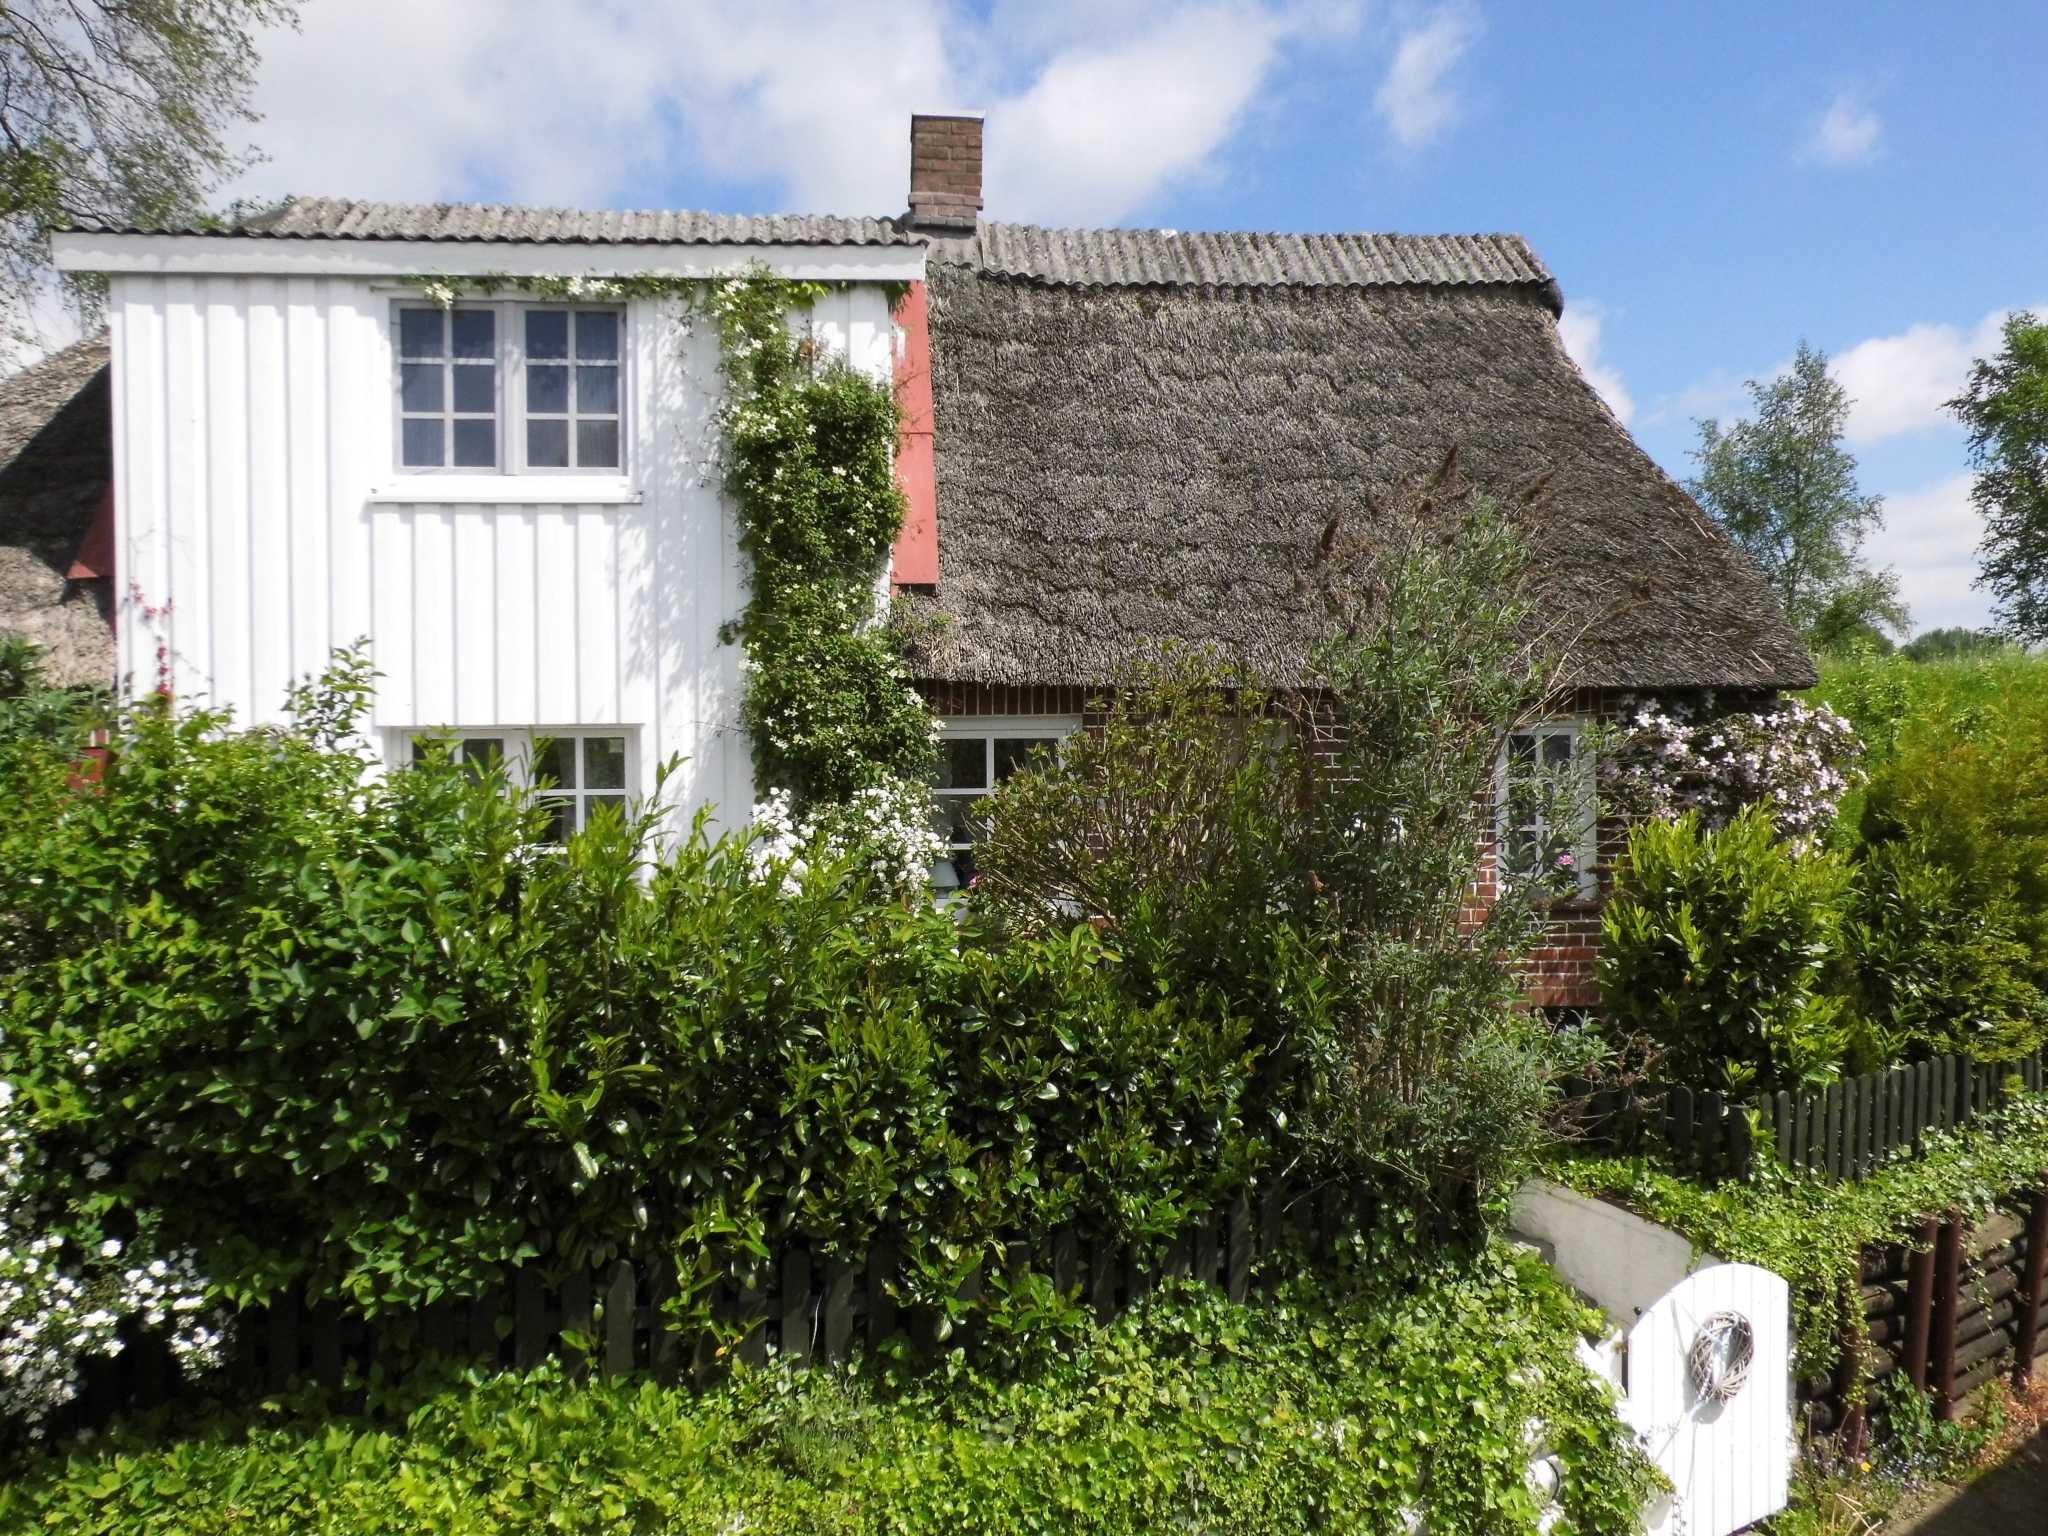 Das Kleine Deichhaus Ferienhaus In Drochtersen Dornbusch (Drochtersen)  Obj Nr.60505